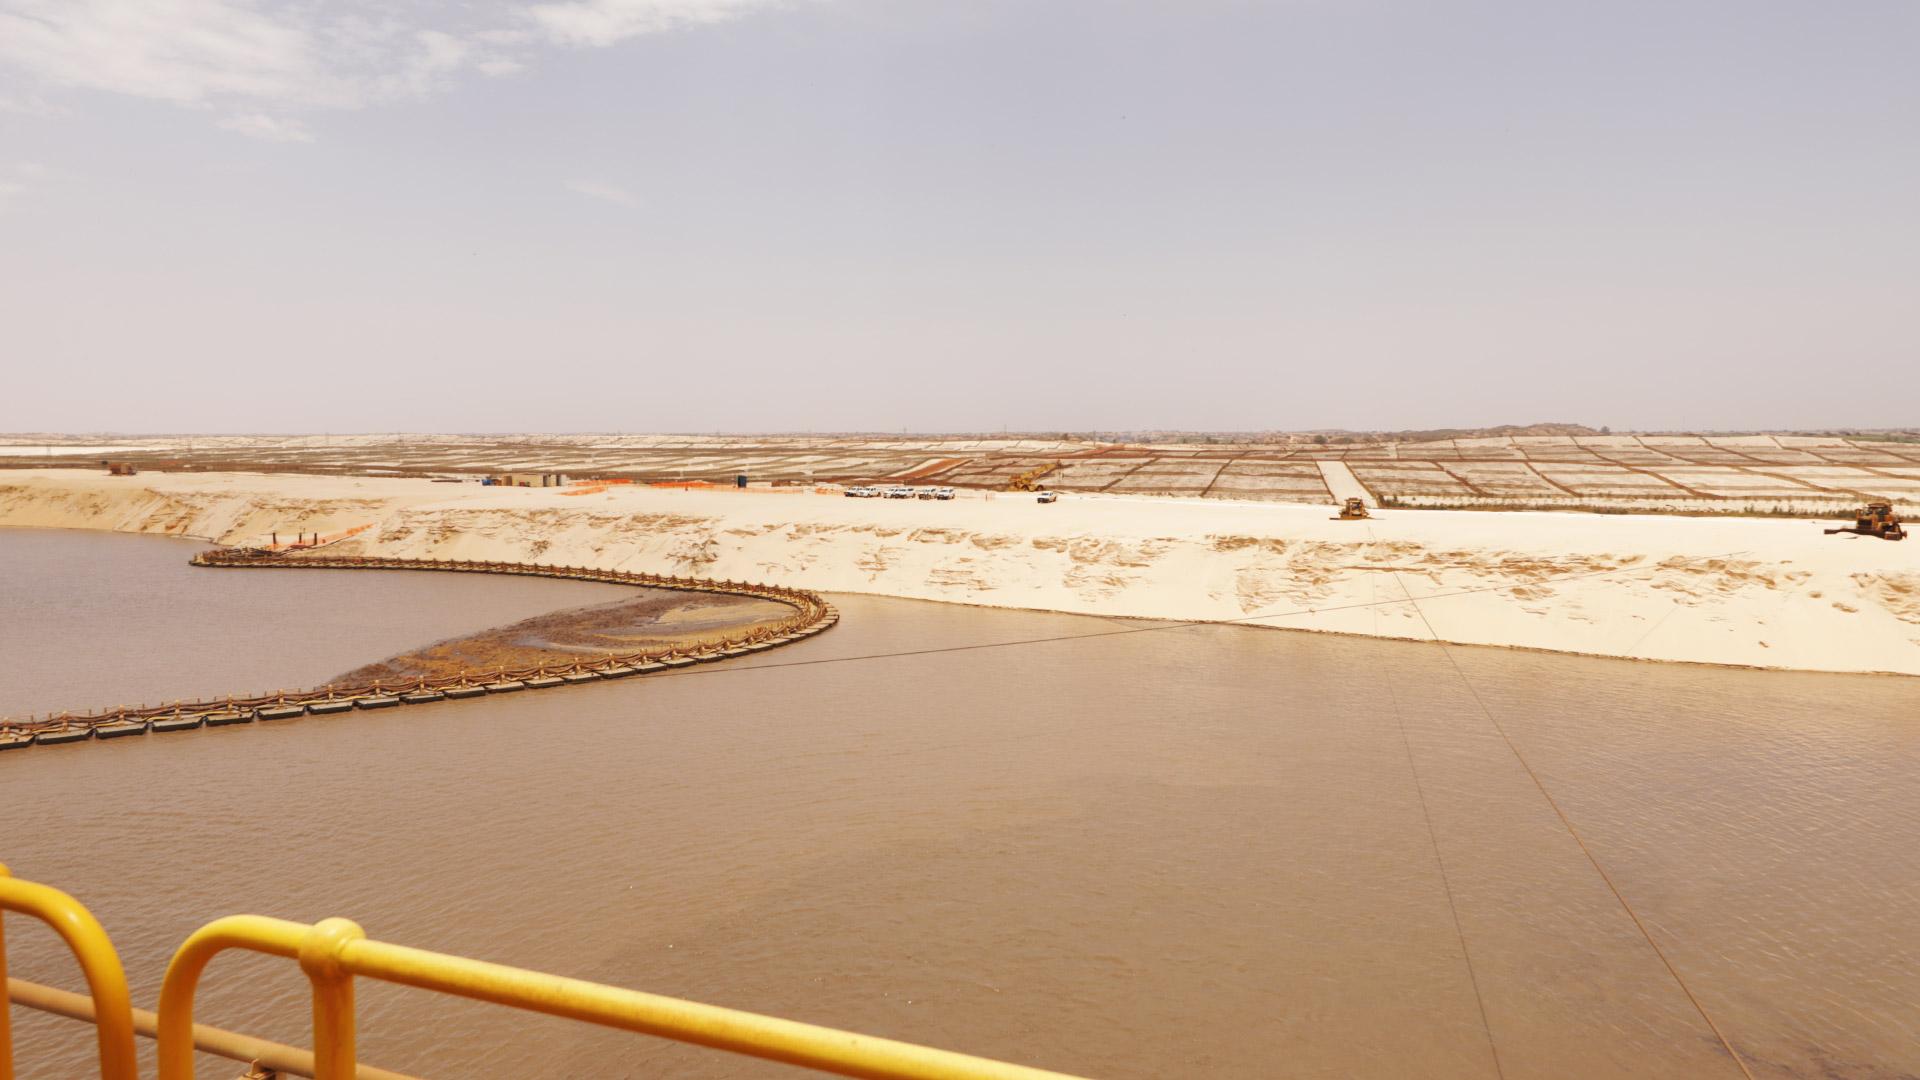 Gestion environnementale responsable : la réhabilitation et la préservation de l'eau